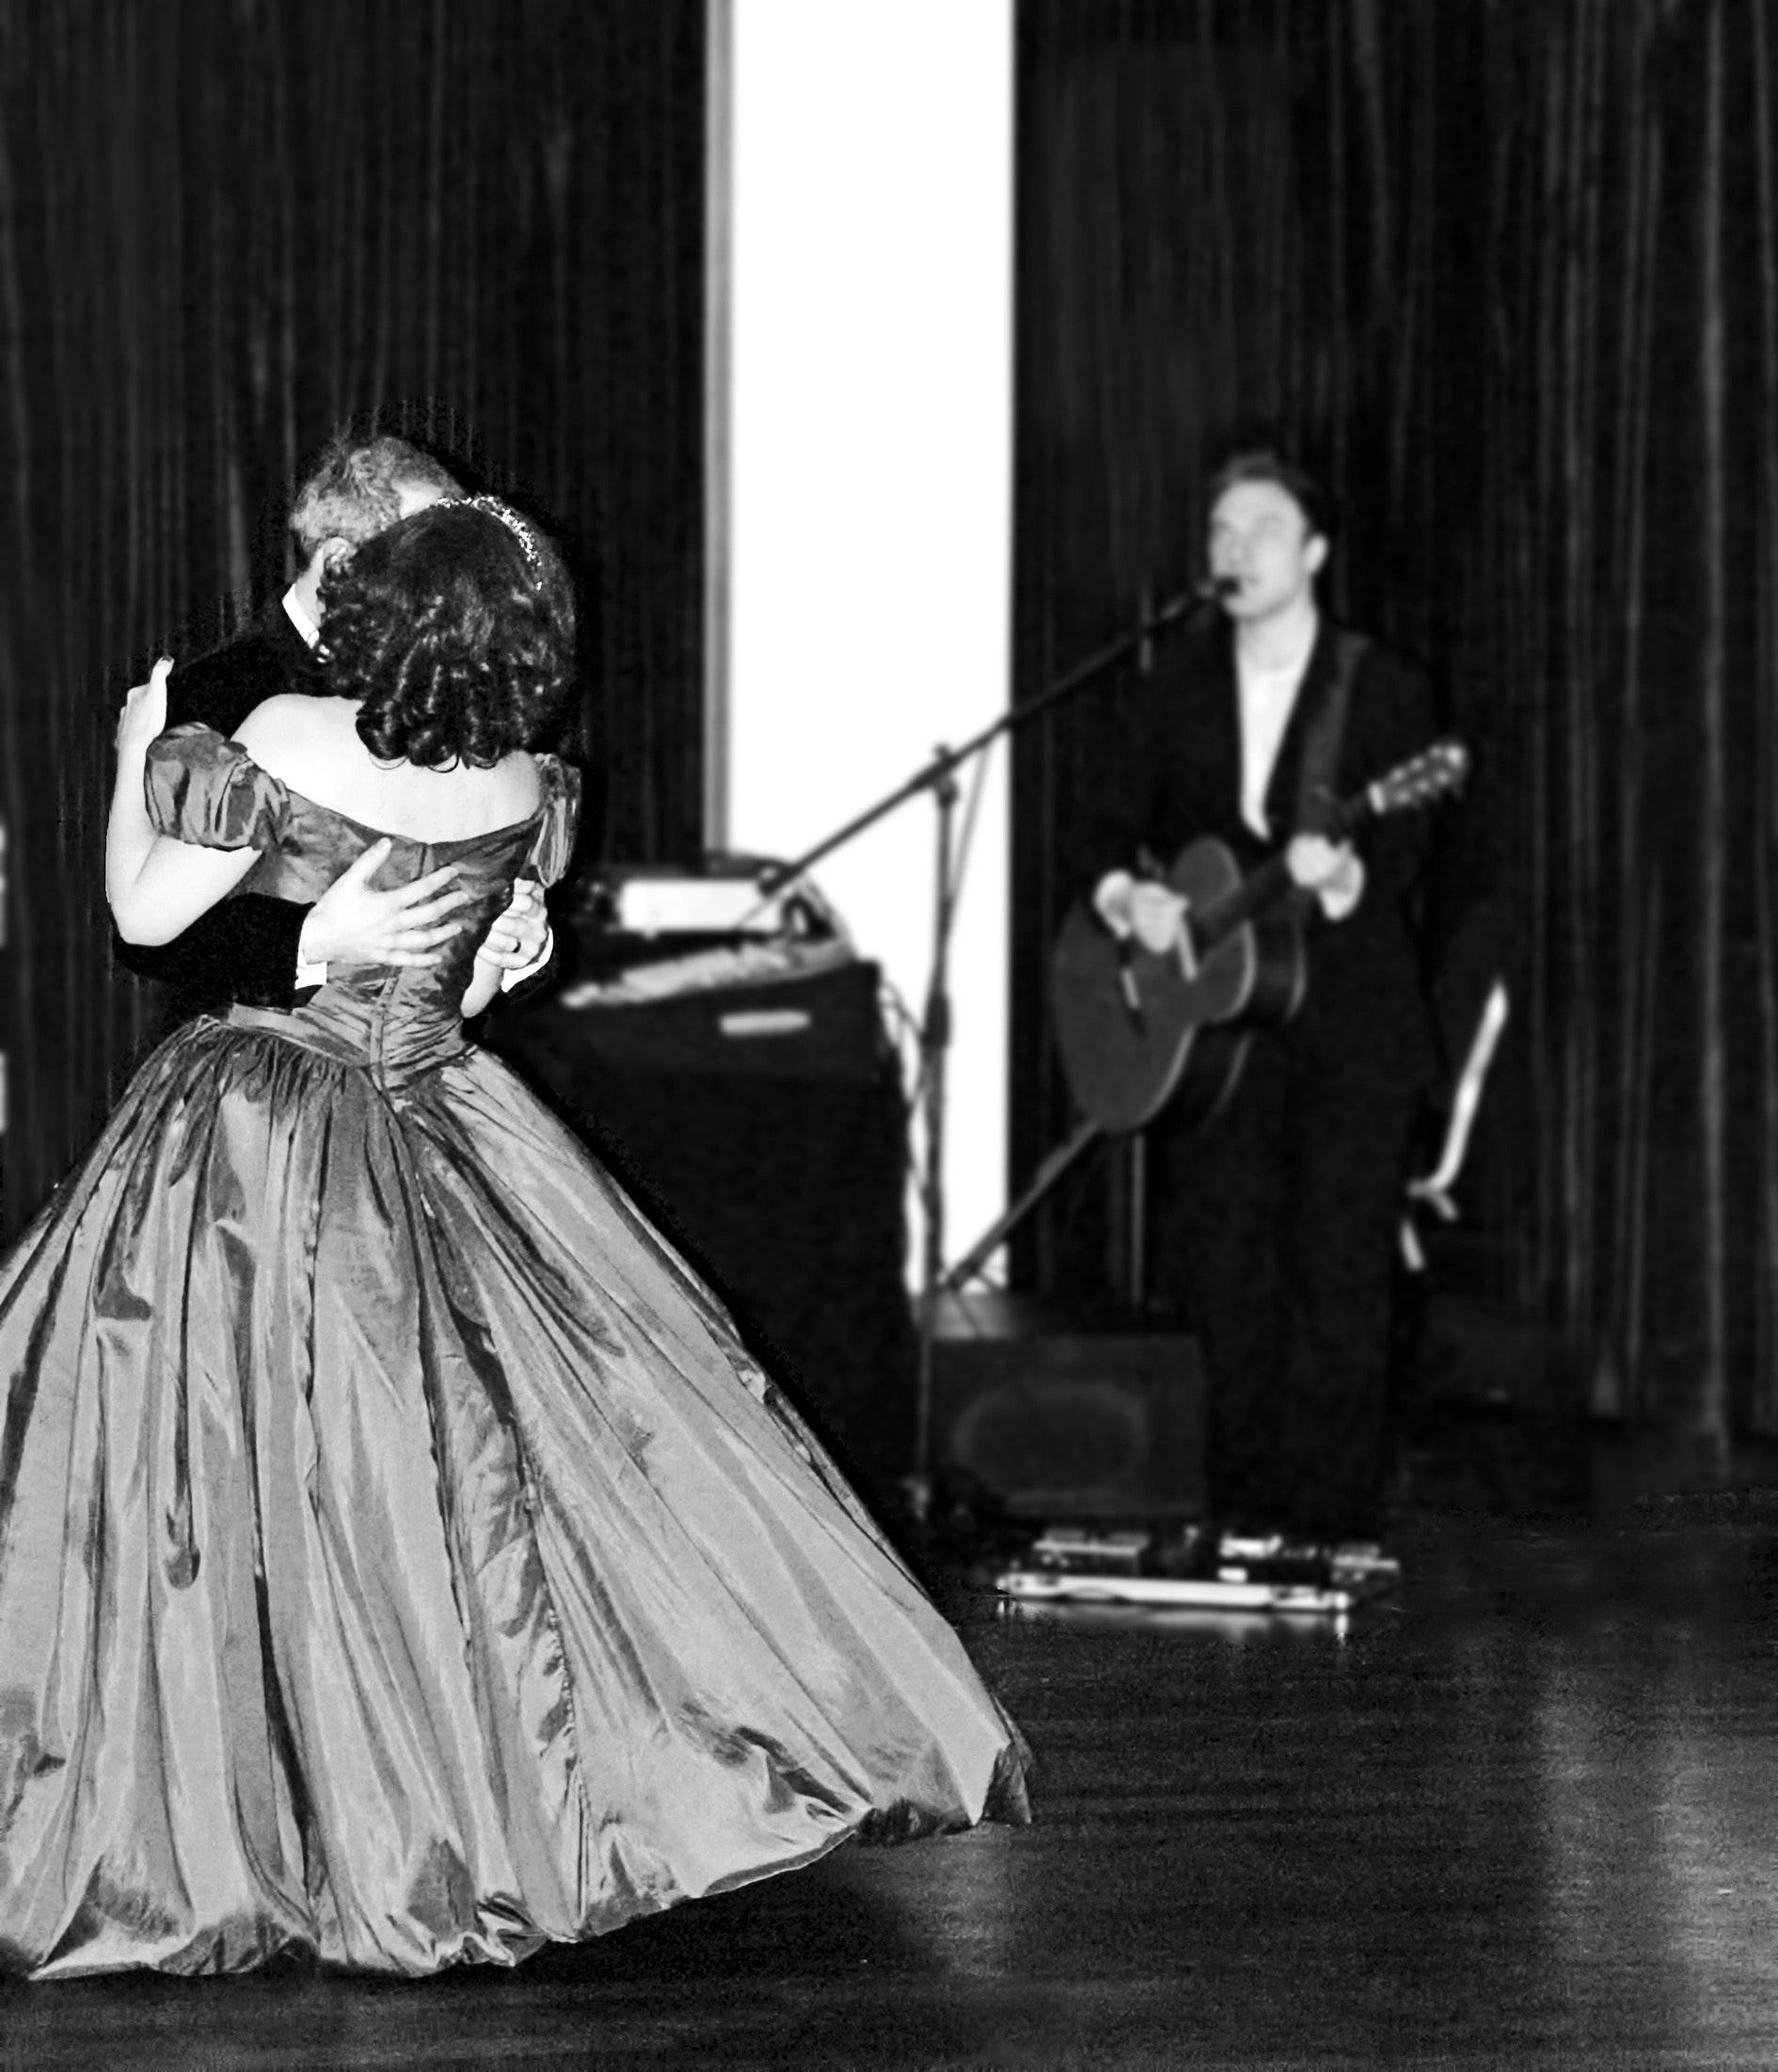 Njut av dansen